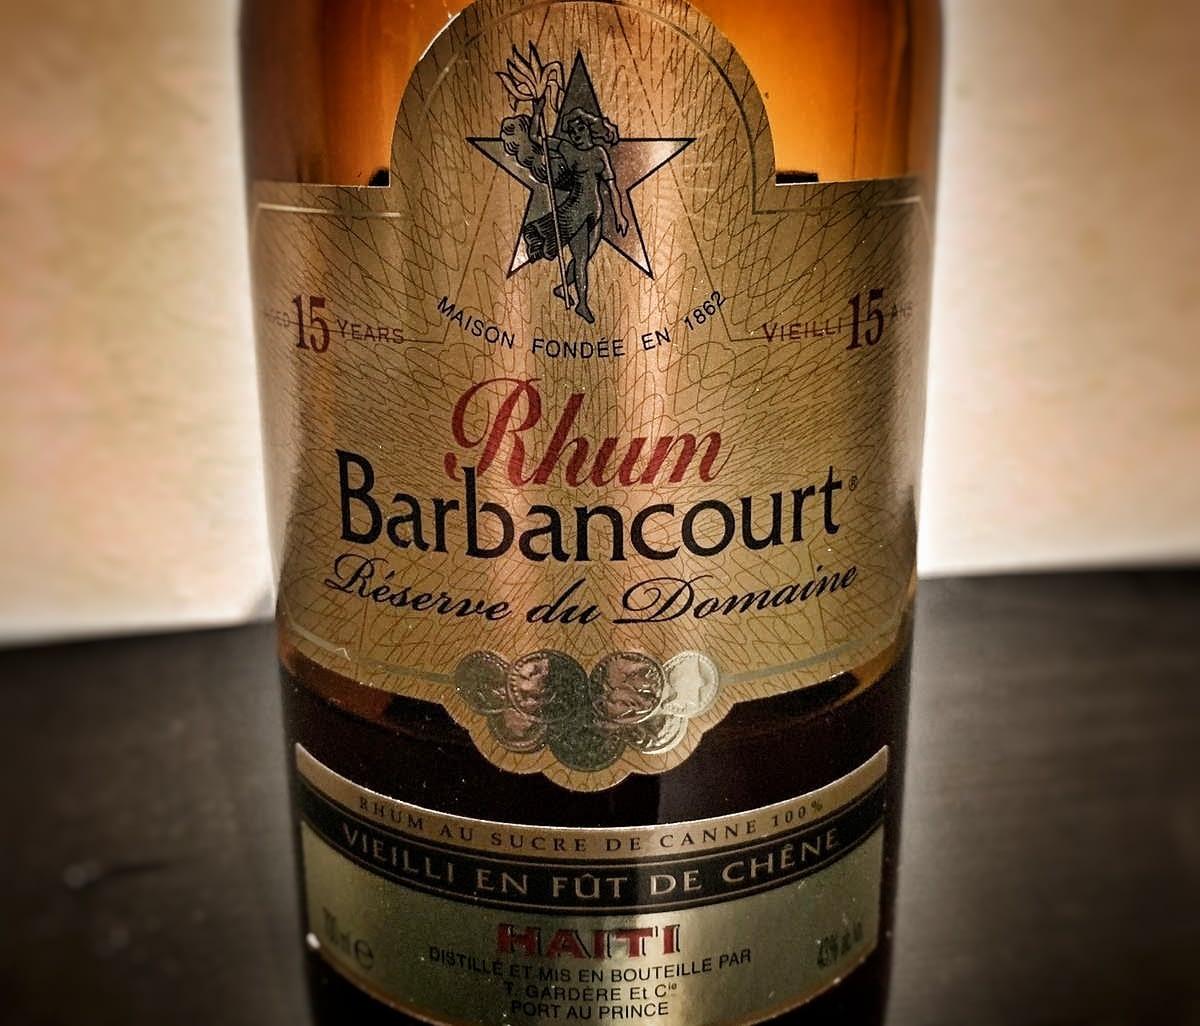 Rhum Barbancourt 15